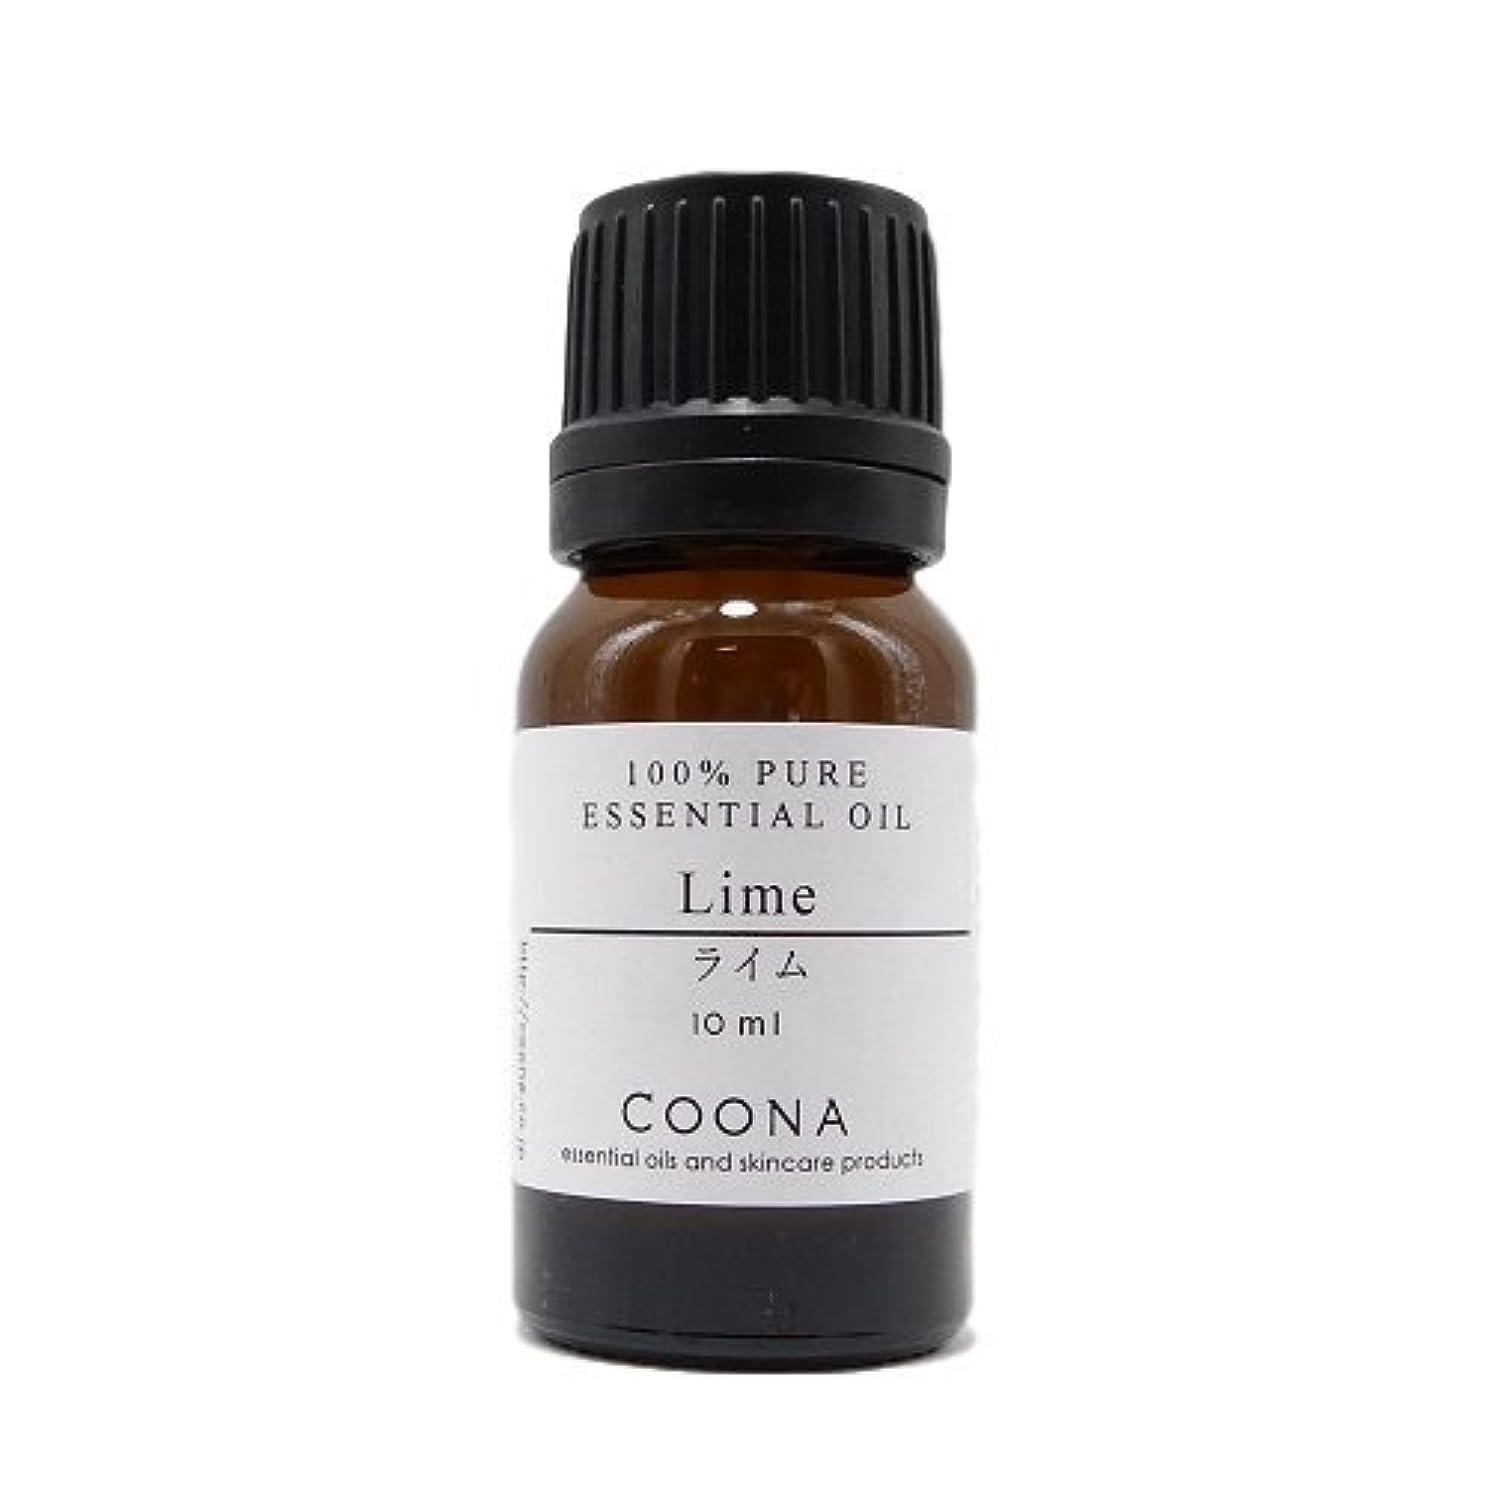 同時傾向があるコンテストライム 10 ml (COONA エッセンシャルオイル アロマオイル 100%天然植物精油)